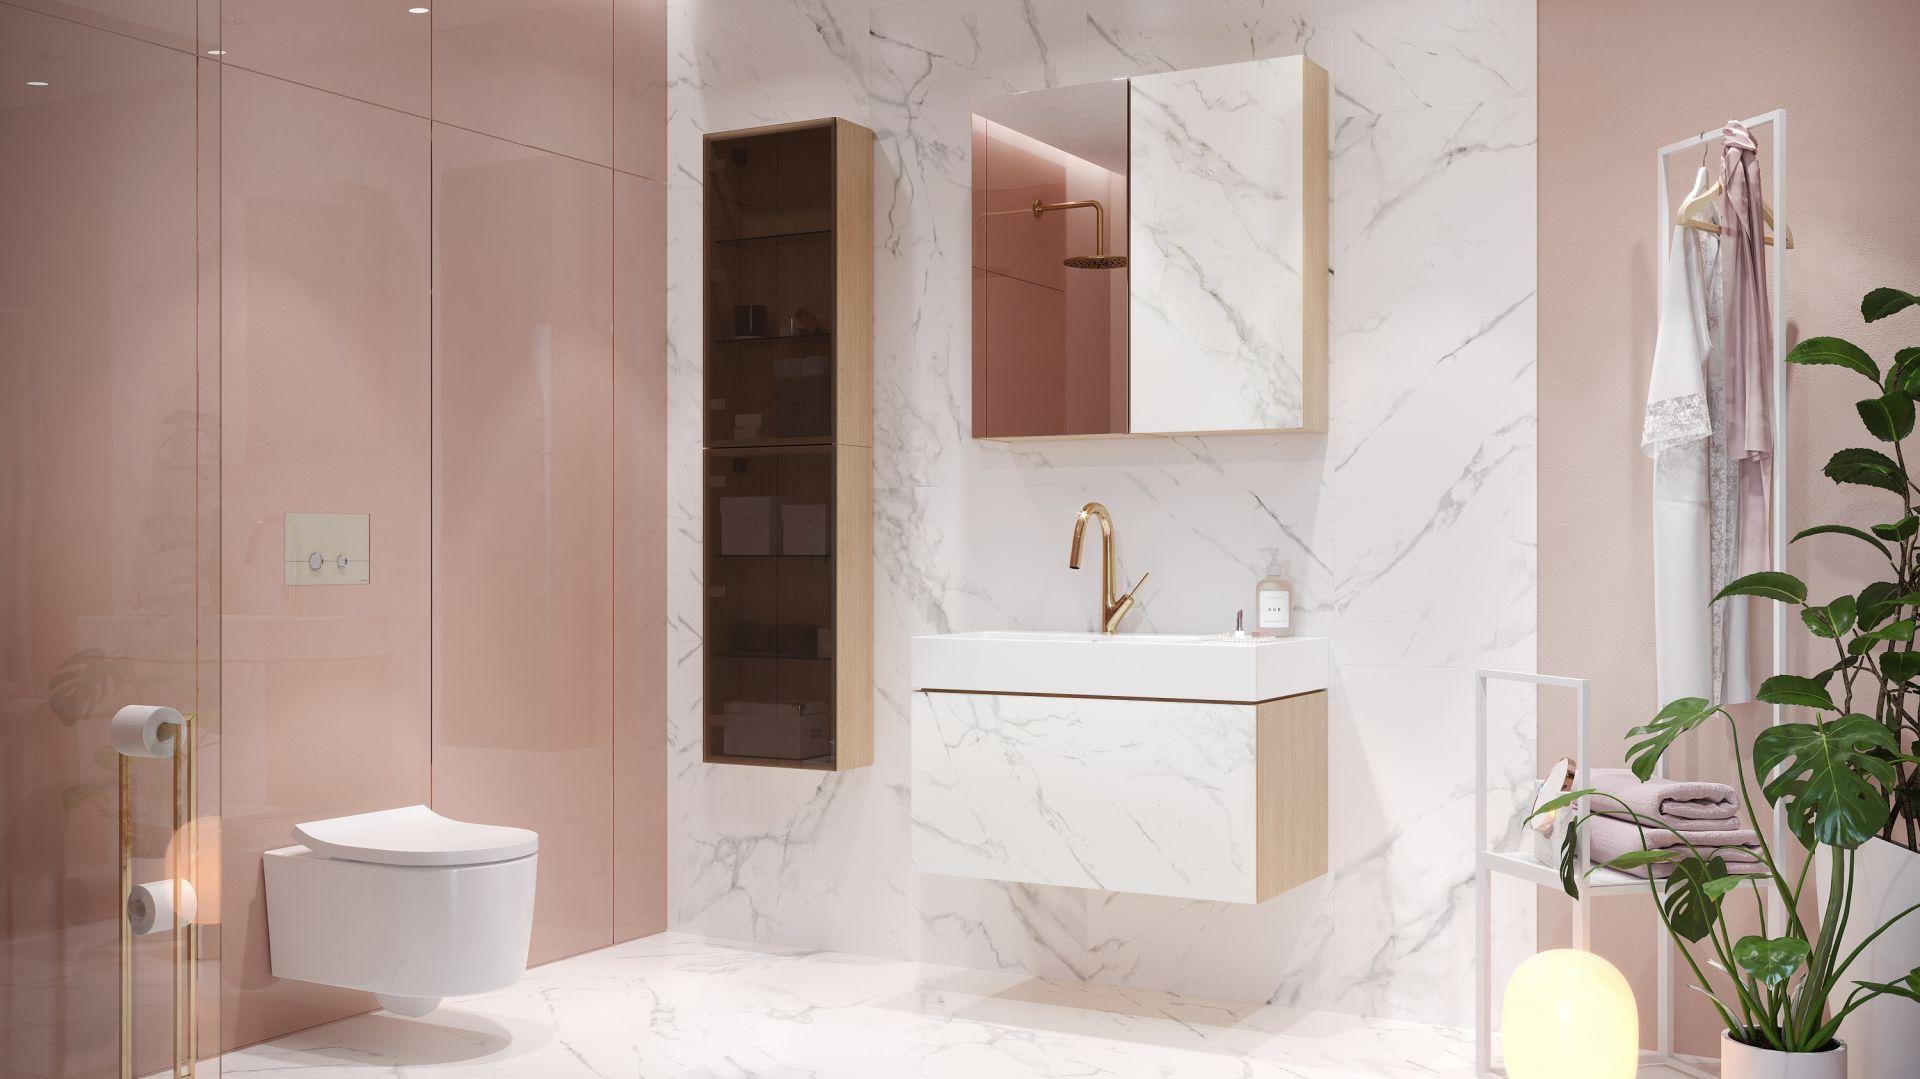 Maksymalny minimalizm - postaw na kompleksowe wyposażenie łazienki. Fot. Inverto Cersanit